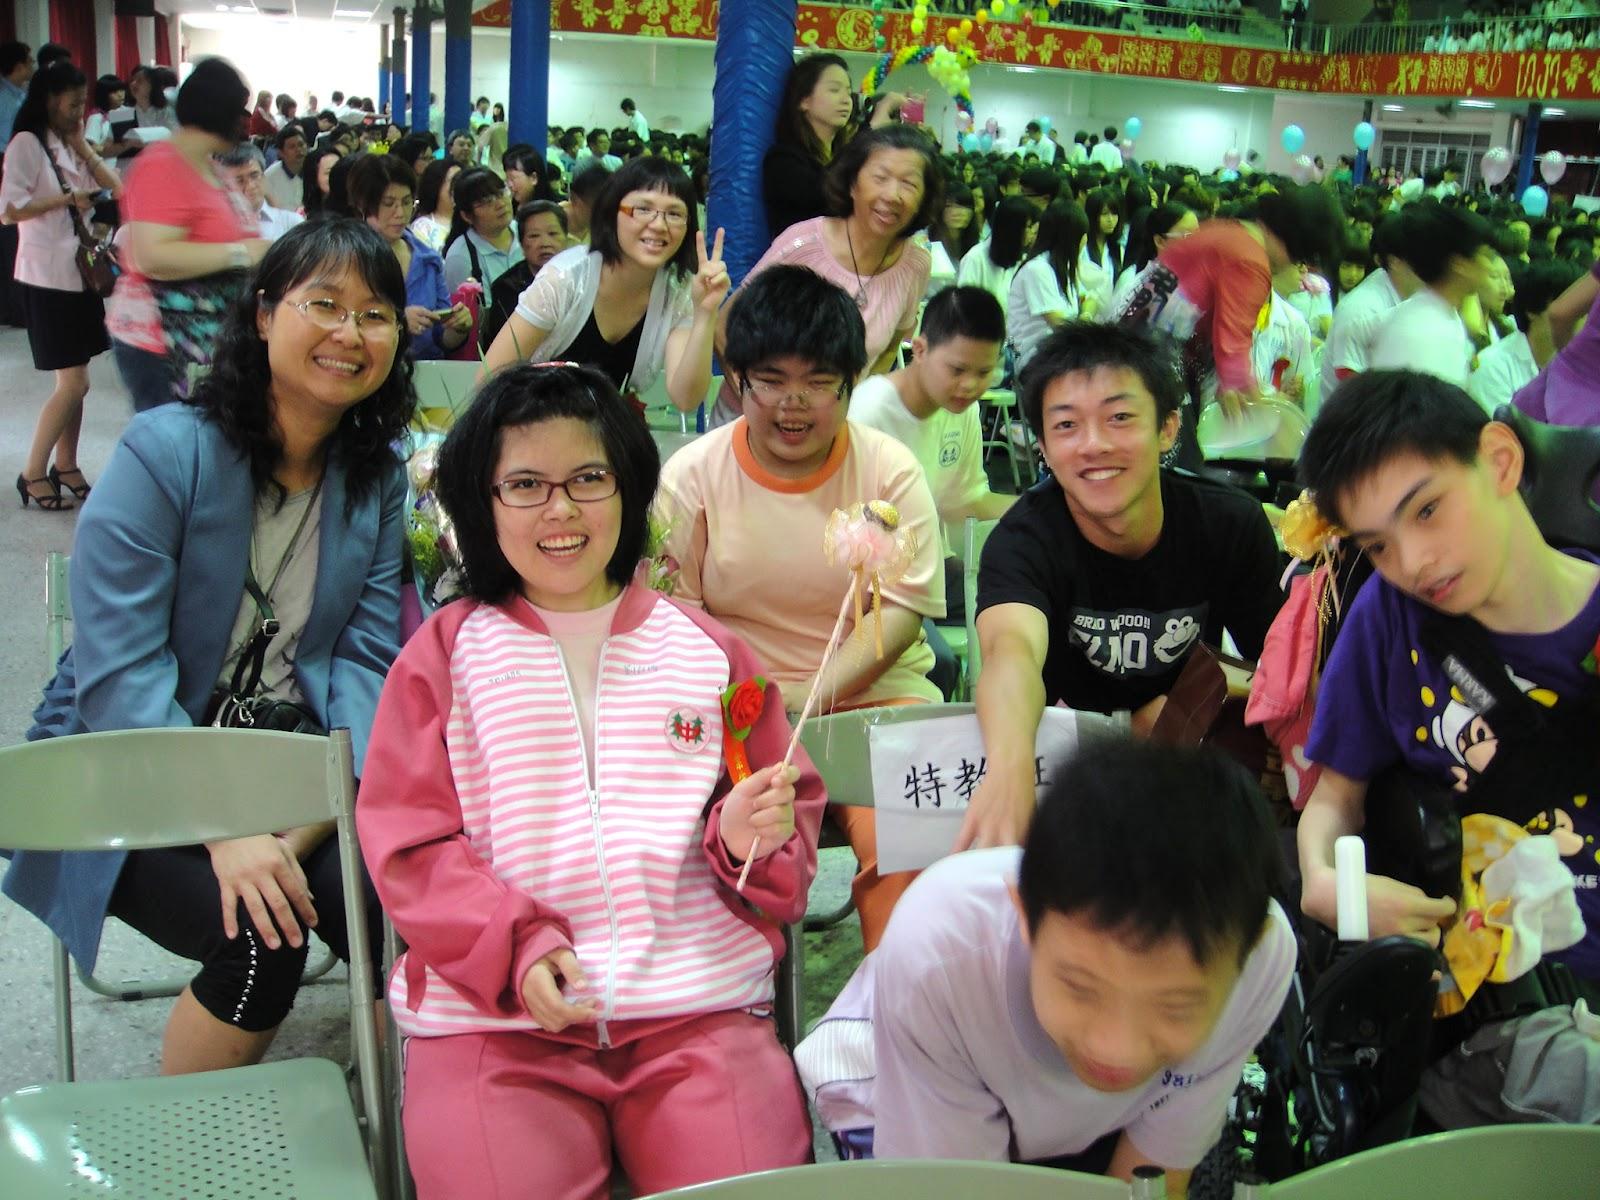 DWAN雲之端: 楊名國中畢業典禮--要感謝的人太多了--離情依依--感謝特教老師們&愛心媽媽們的教導和疼愛有加 ...